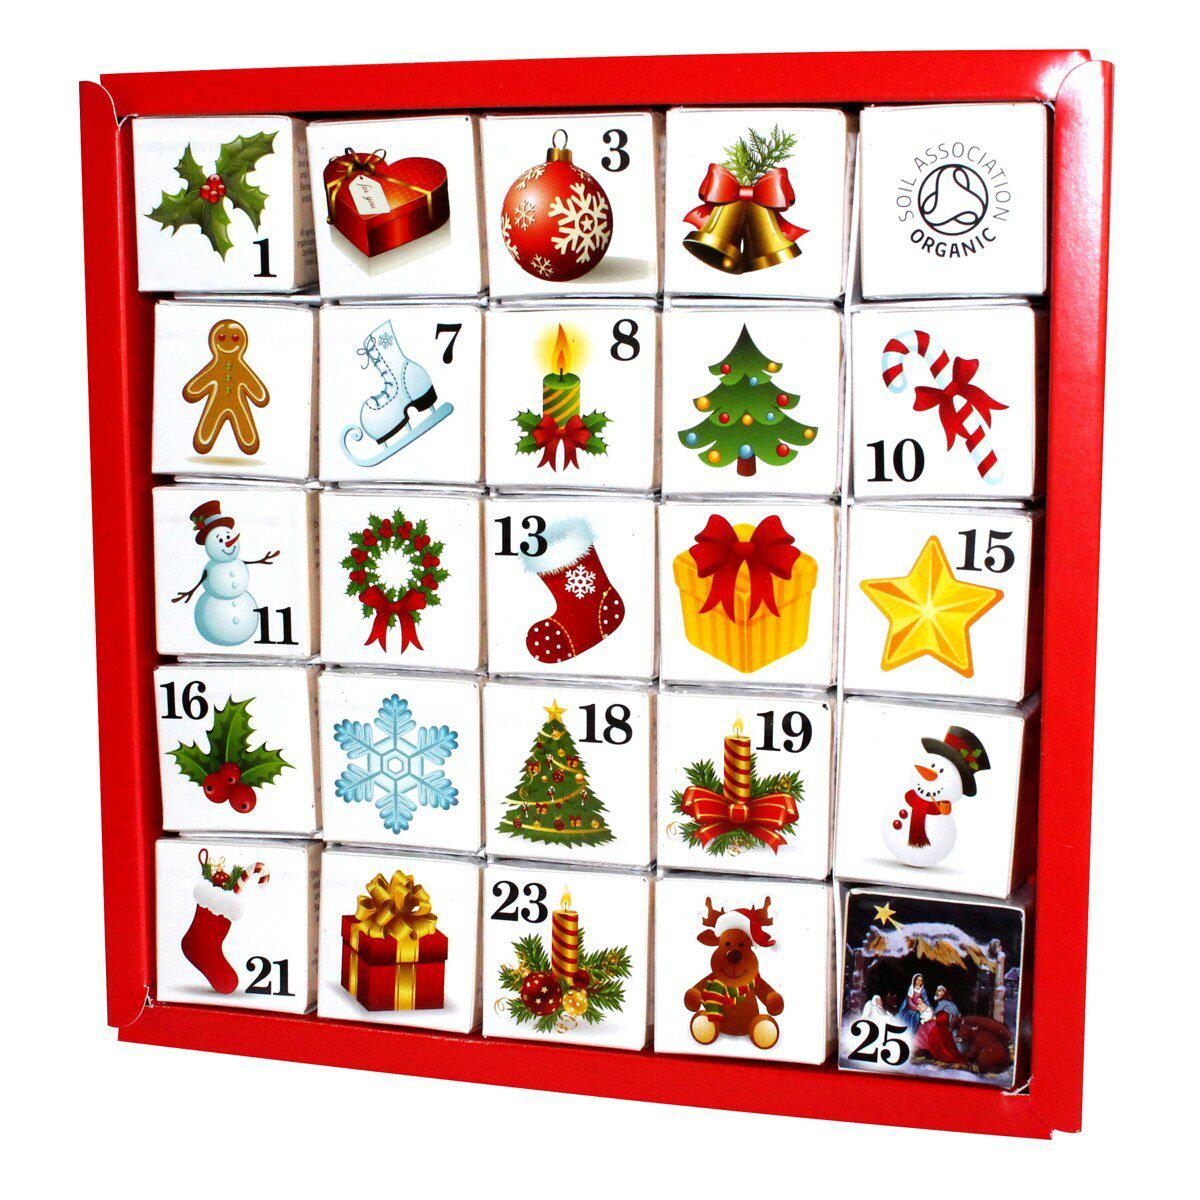 Bild zu Adventskalender, Weihnachten, Frauen, Winter, Advent, Männer, Geschenke